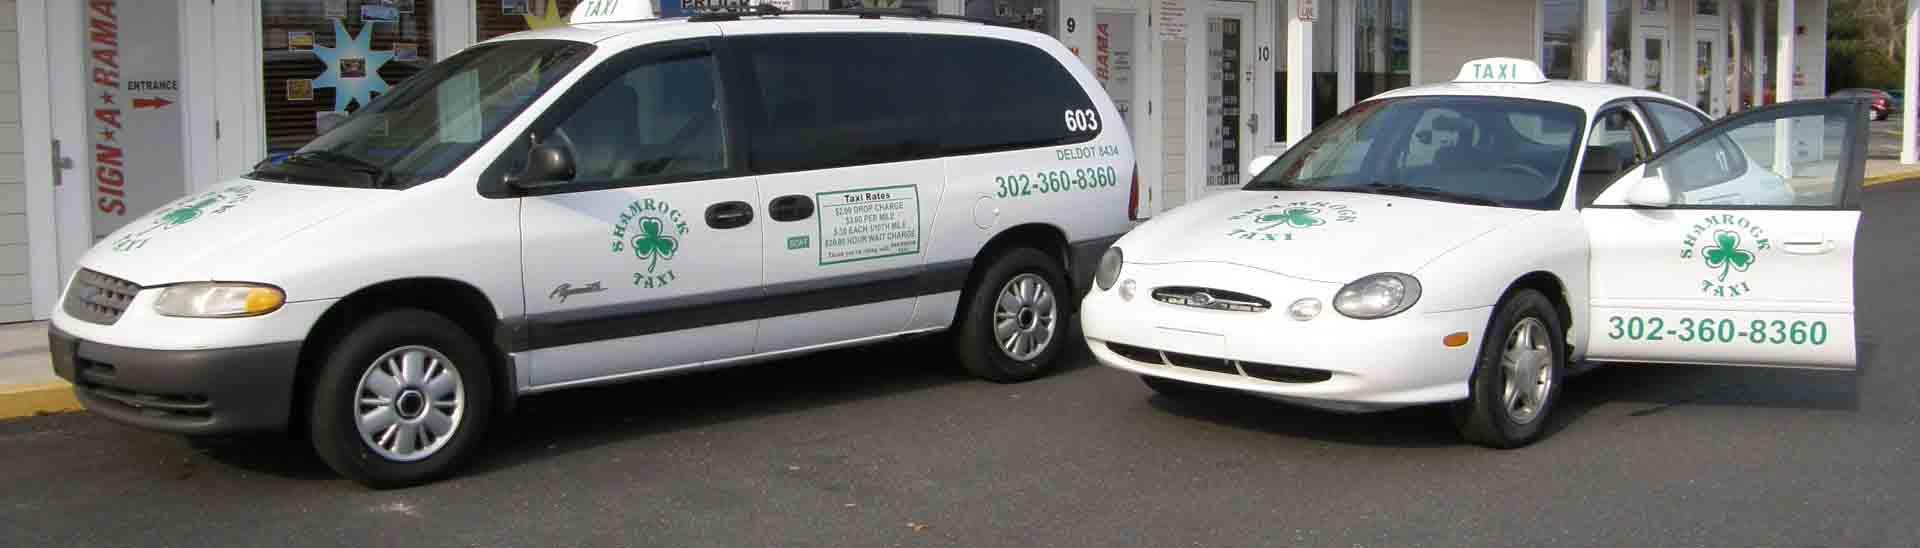 Noticias del sector del taxi y la movilidad en Delaware. Mantente informado de todas las noticias del taxi de Delaware en el grupo de Facebook de Todo Taxi.